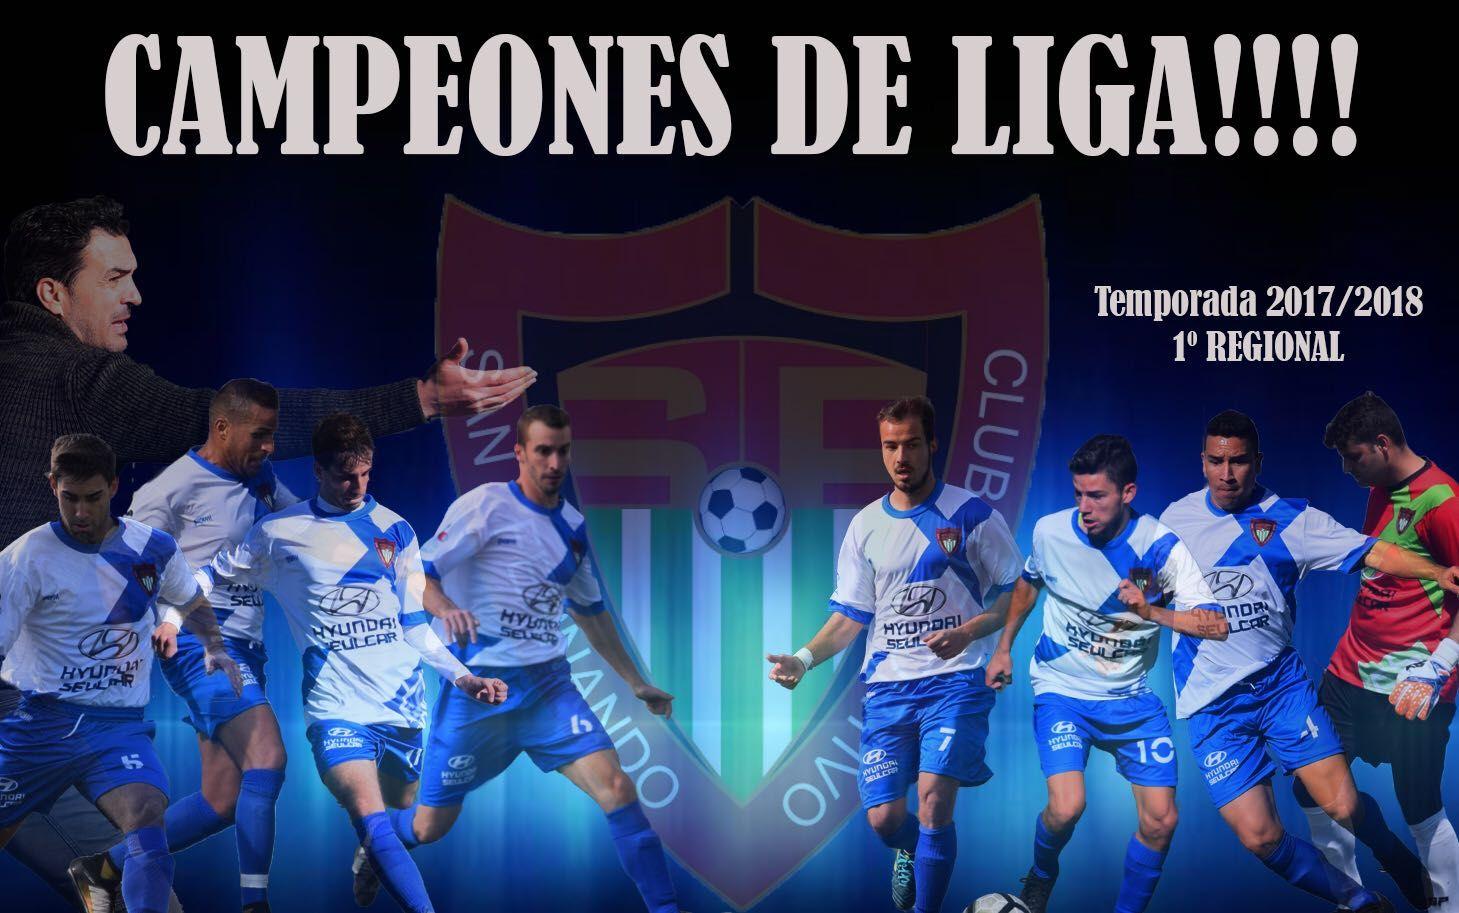 El equipo Seulcar San Fernando se proclama campeón de 1ª Regional